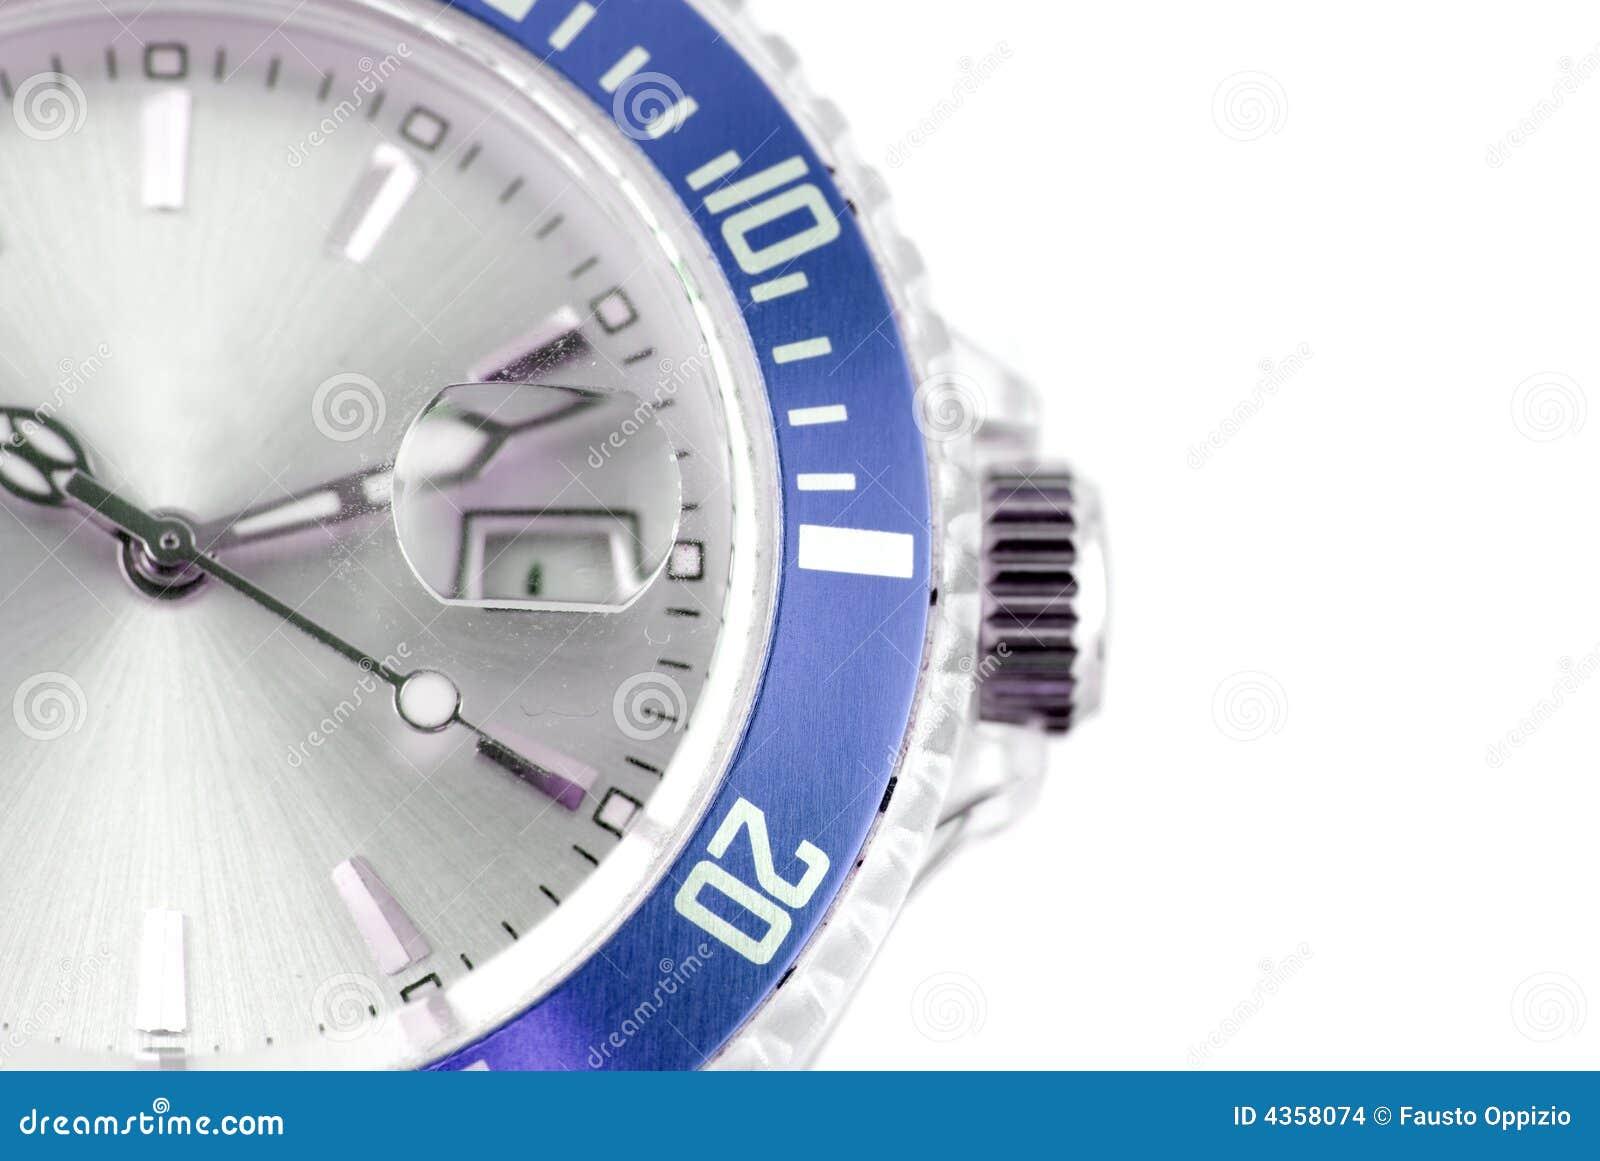 Moderne armbanduhr  Moderne Armbanduhr Stockbilder - Bild: 4358074